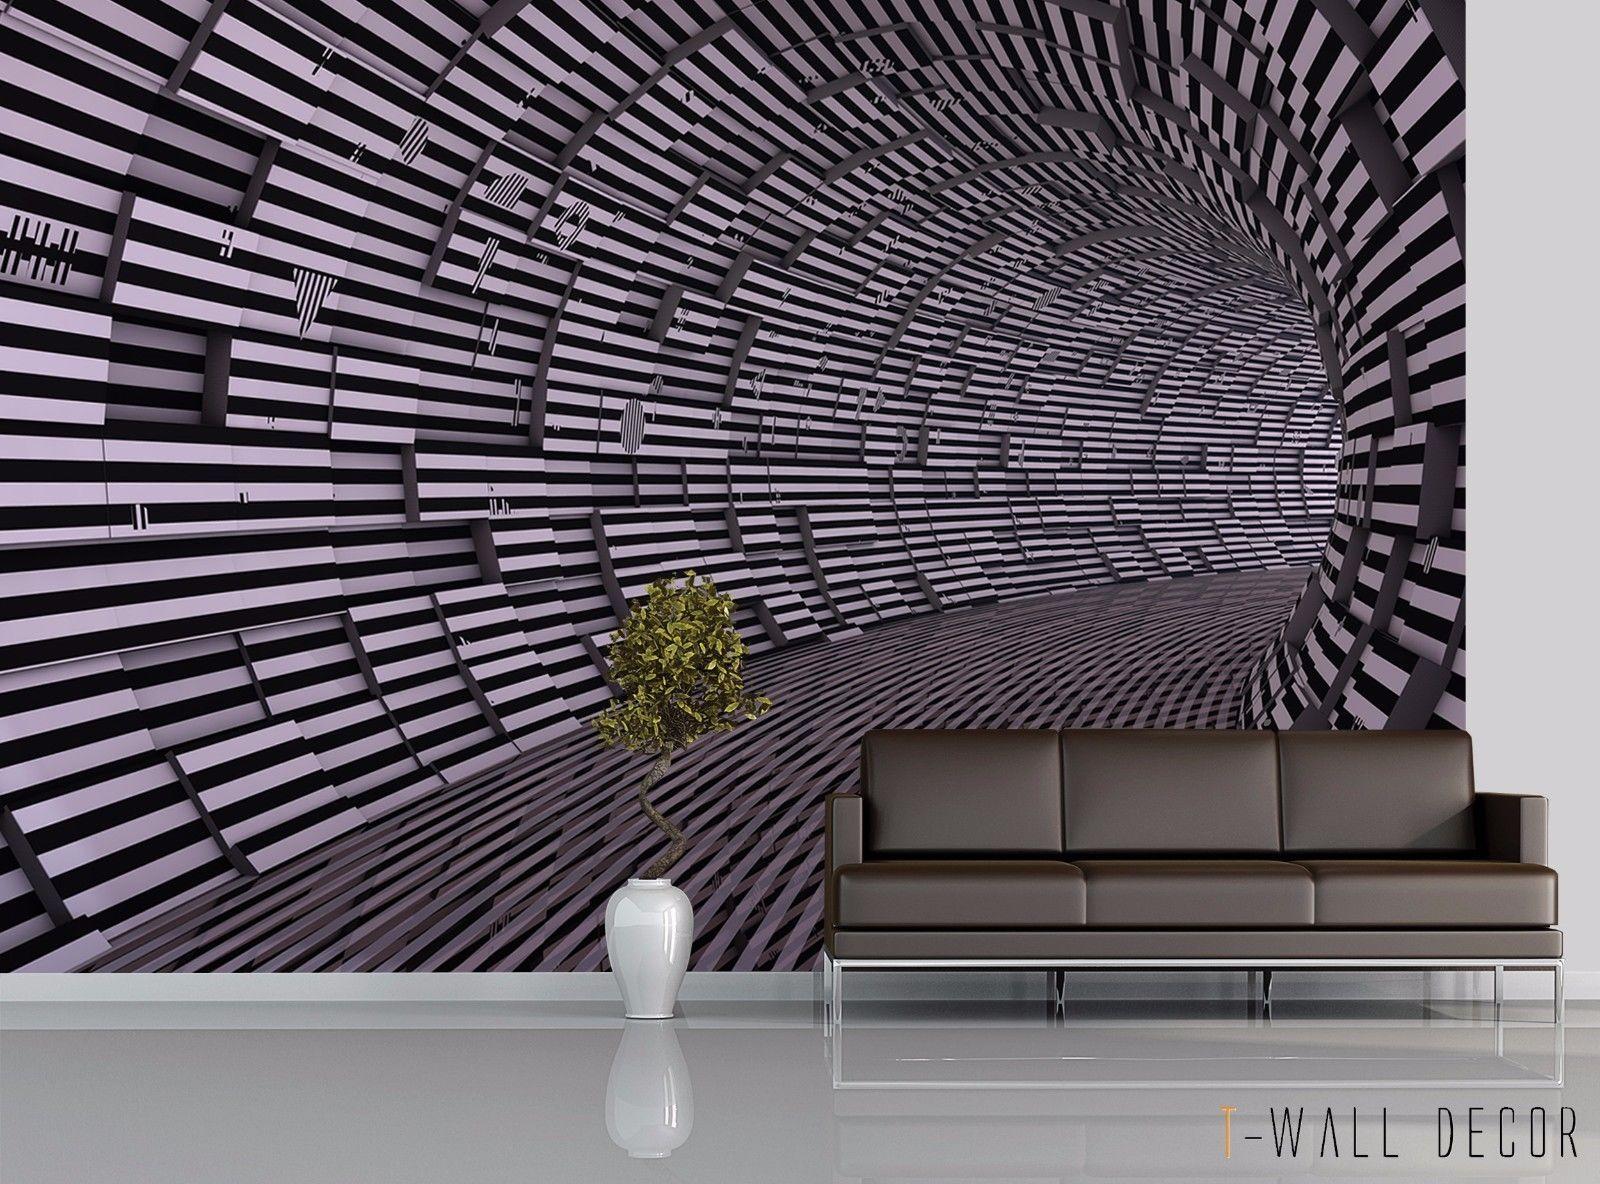 Photo Wallpaper Mural Room Modern Art Wall Decor 3d Matrix Tunnel